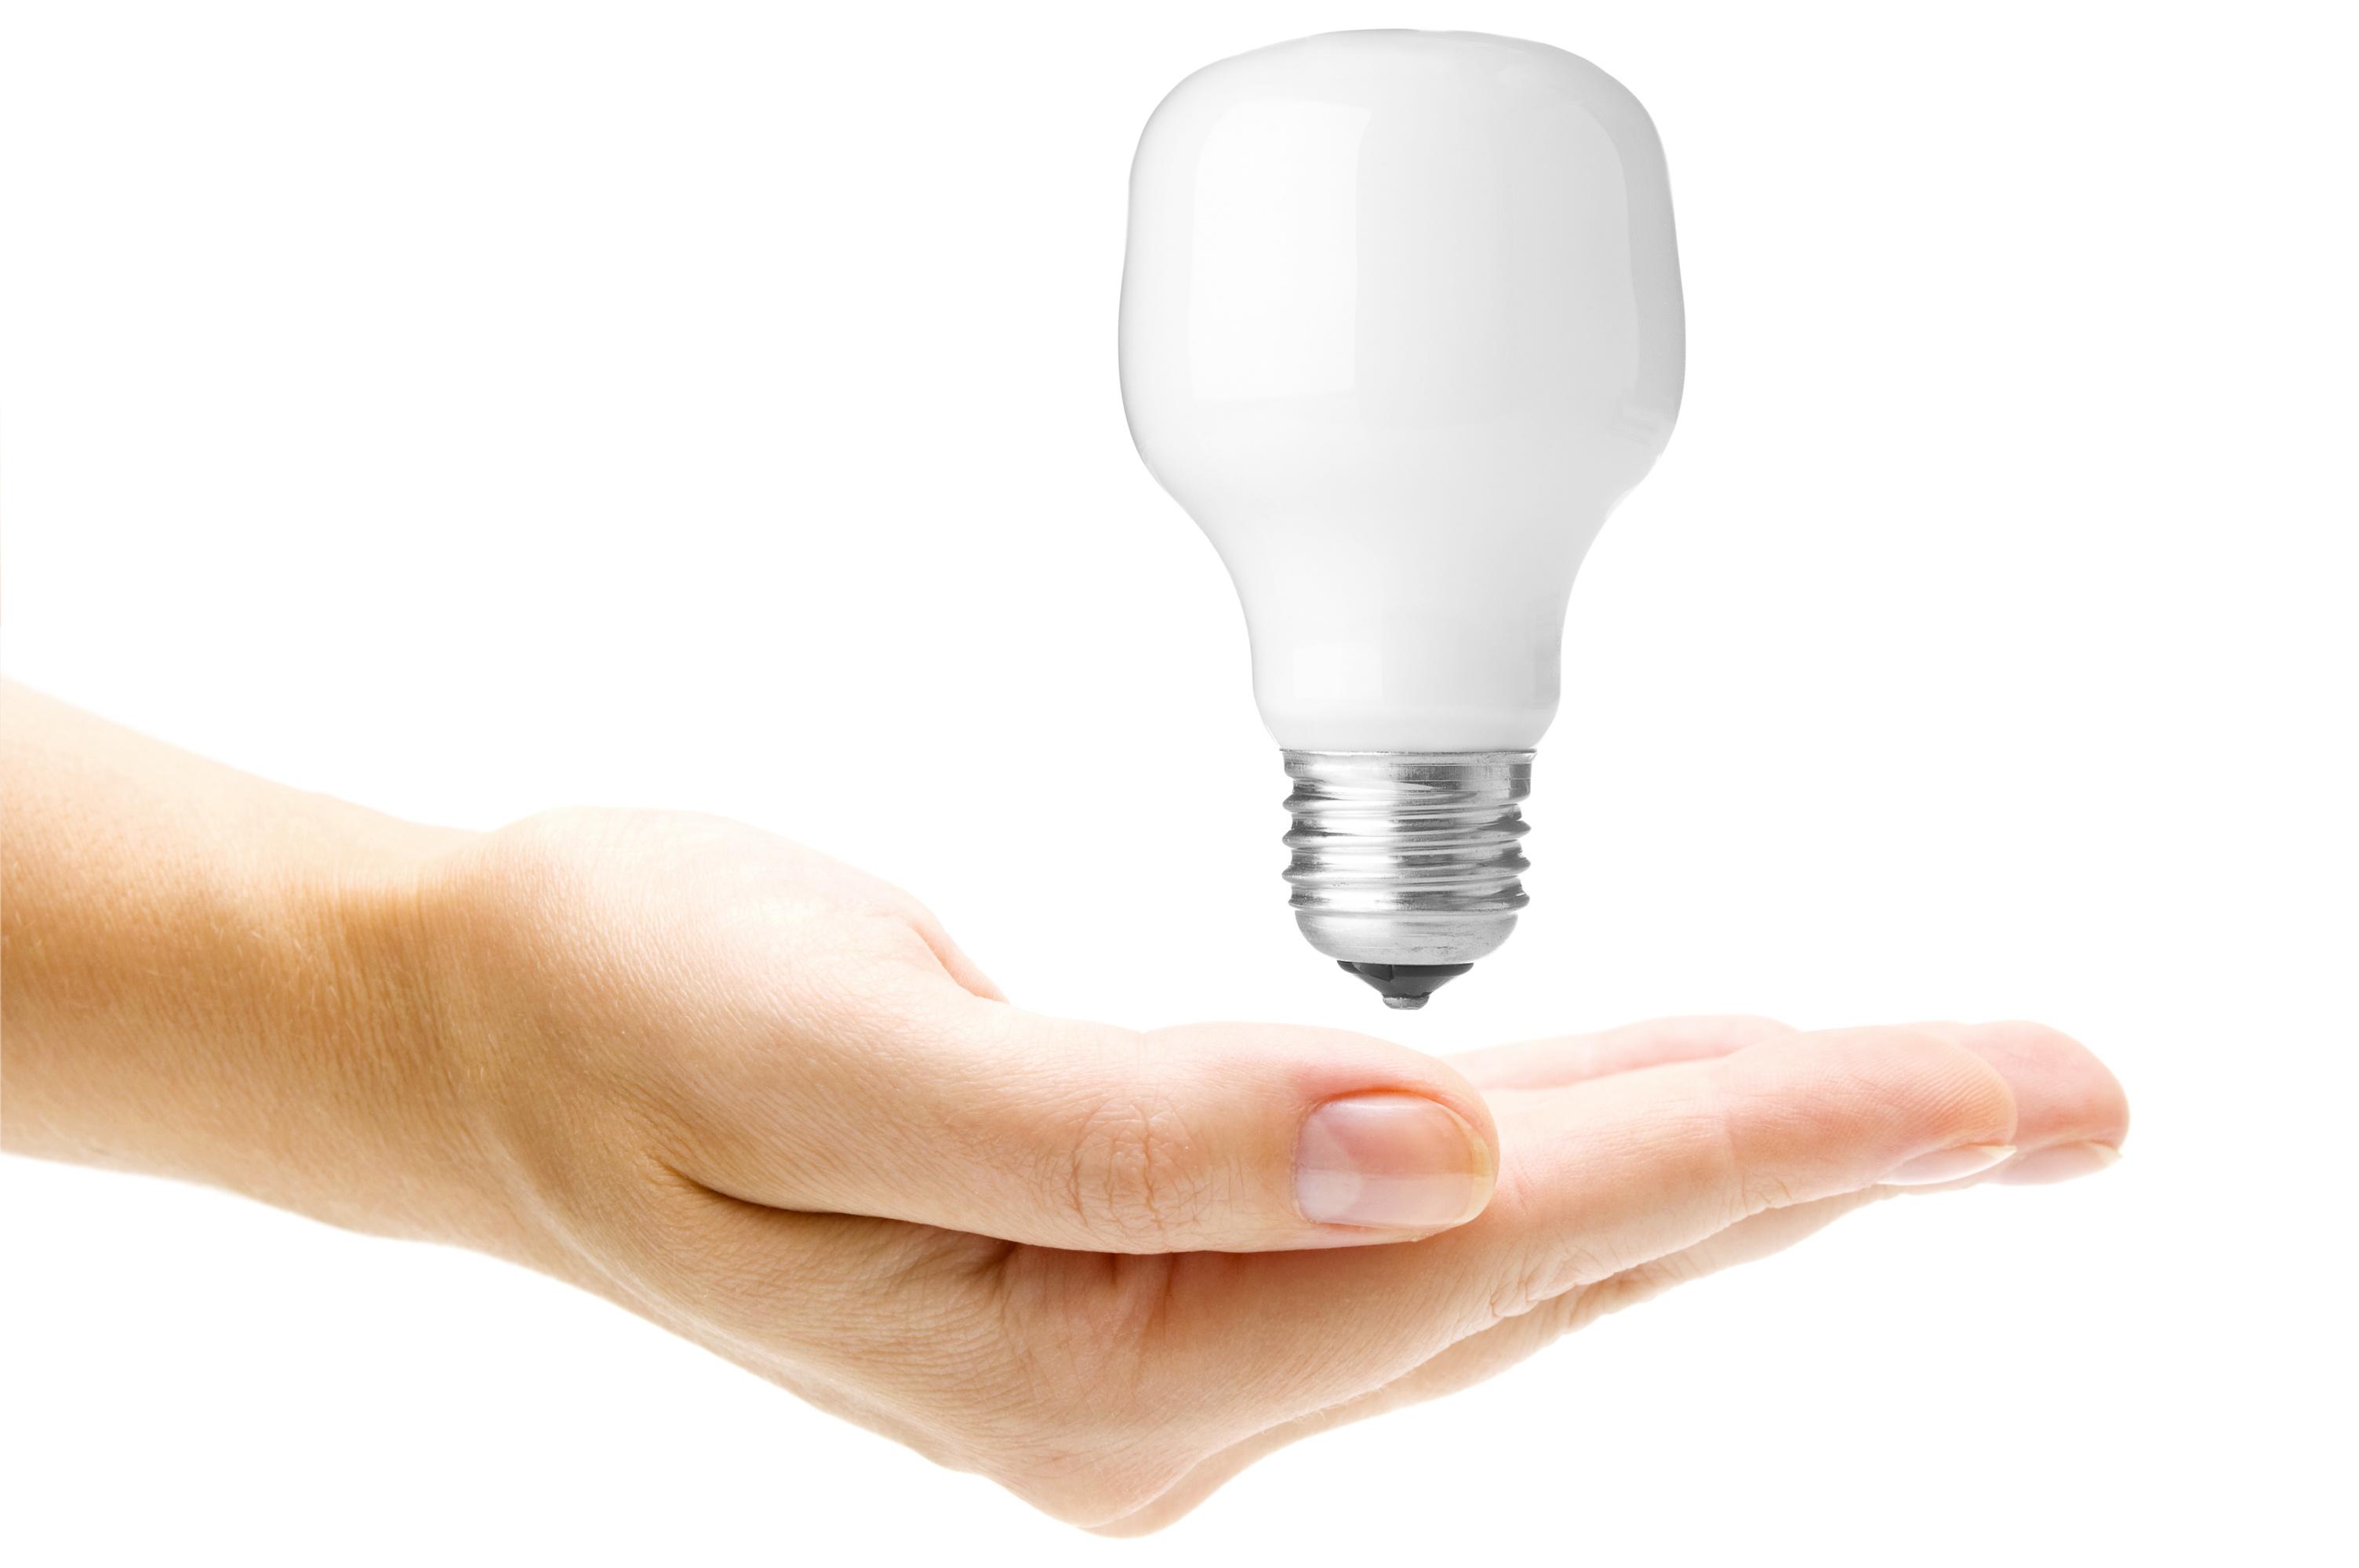 Energy saving light bulb in hand